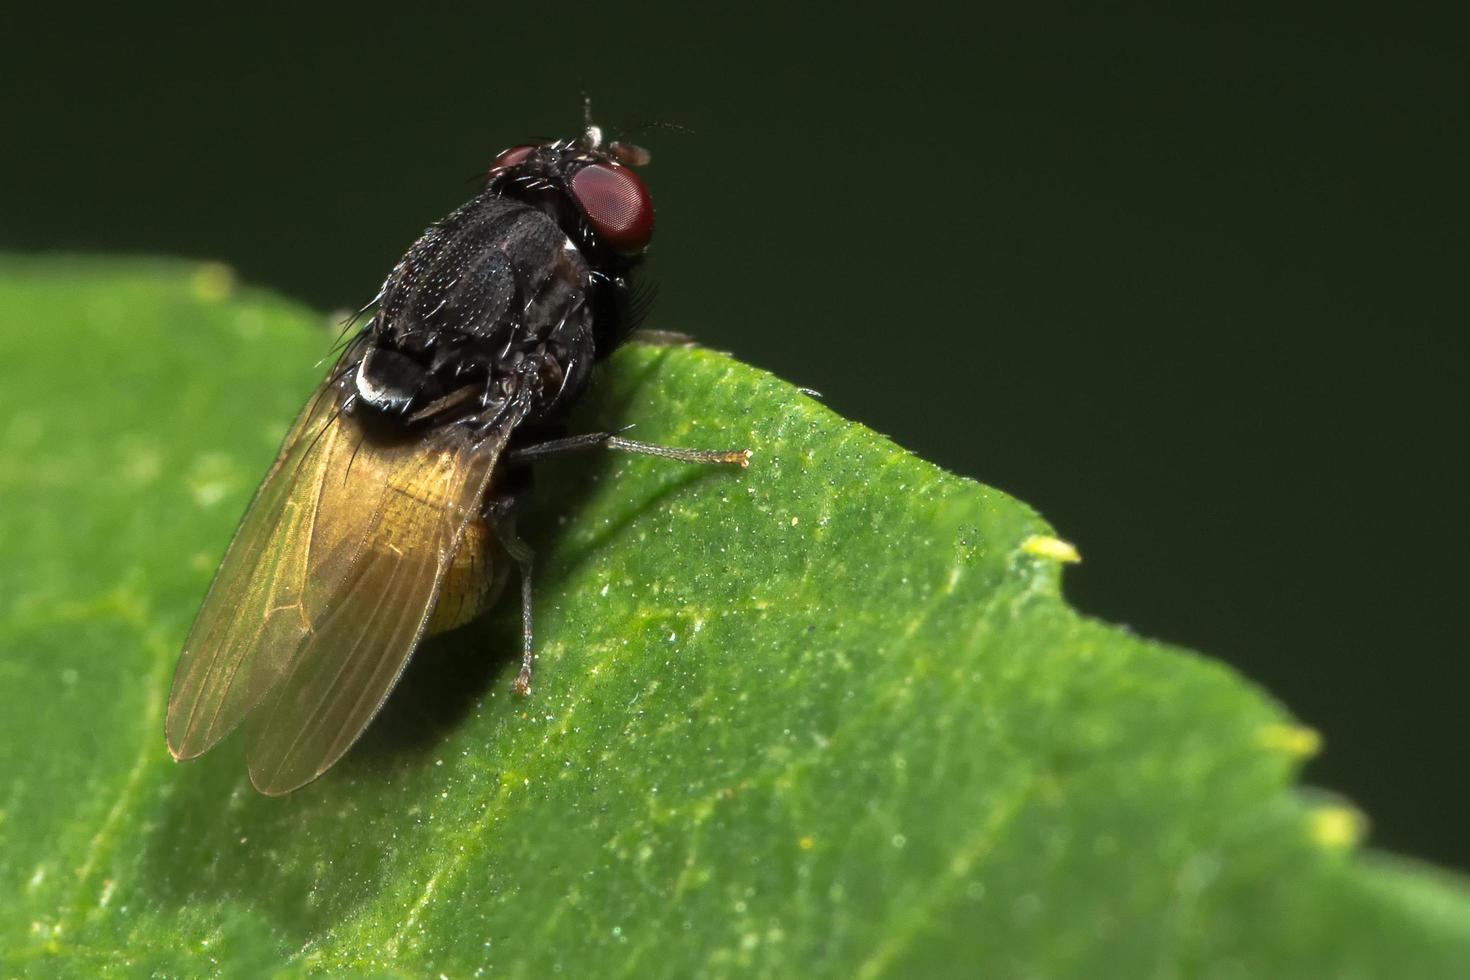 vicino alla mosca della frutta sul bordo della foglia foto